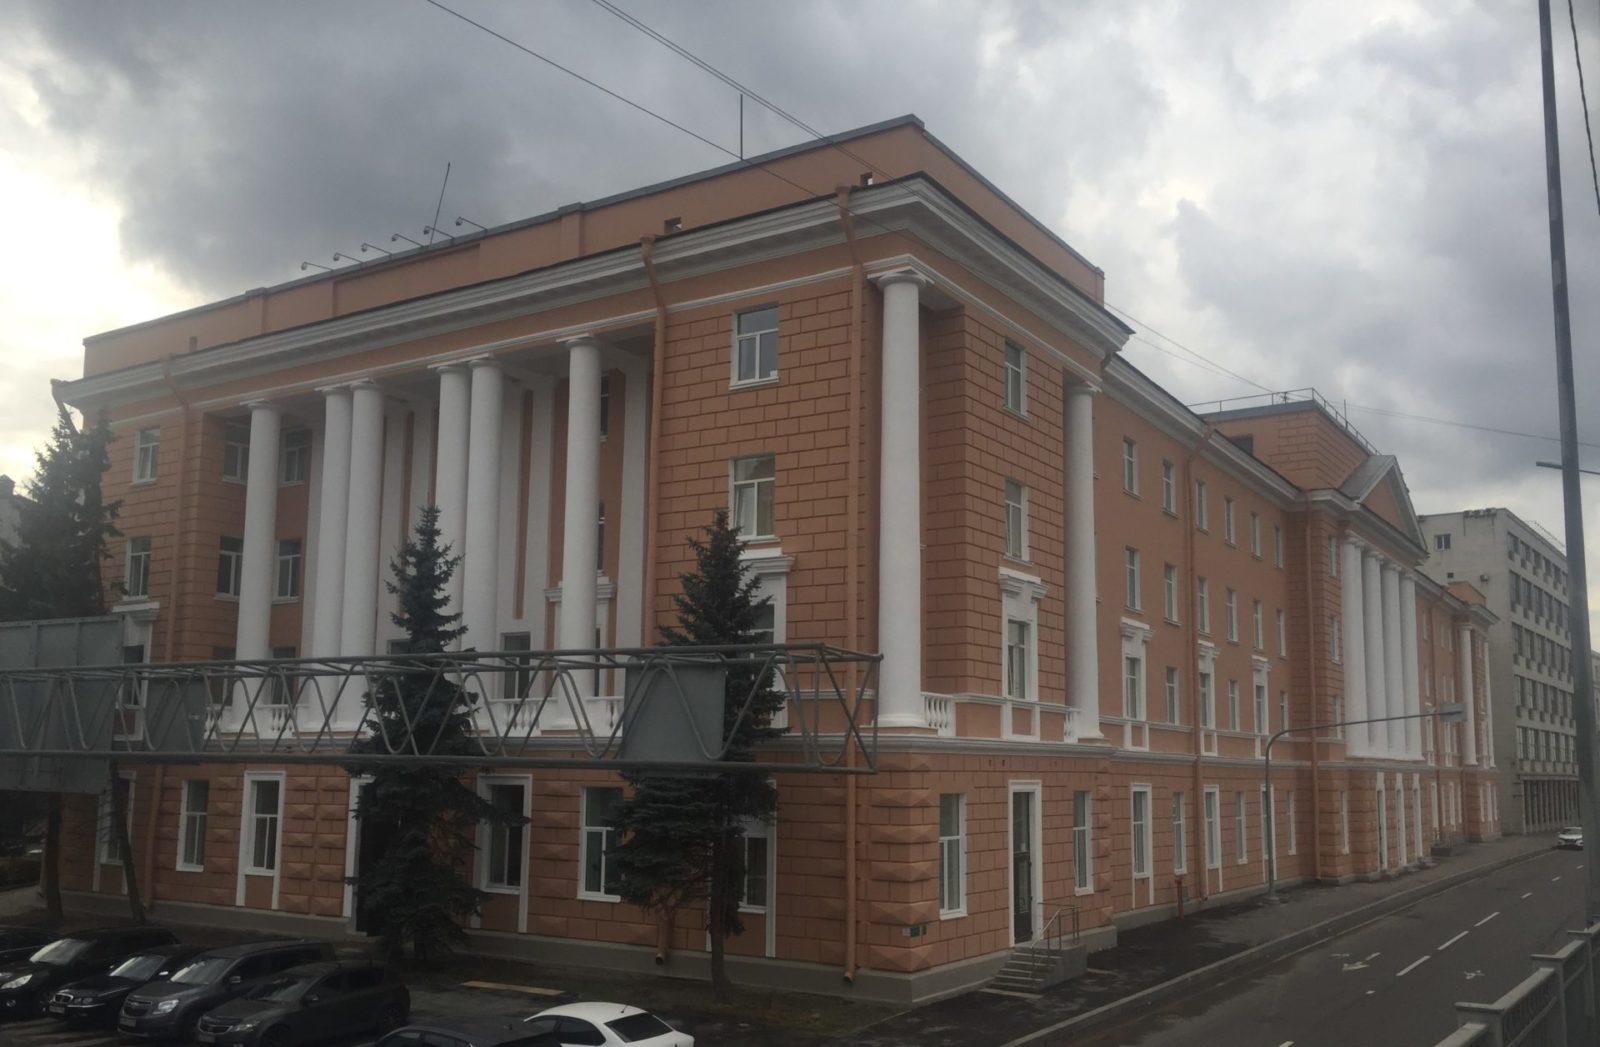 Качественный, капитальный ремонт фасада здания на ул. Набережная Обводного канала, д.14 в Питере